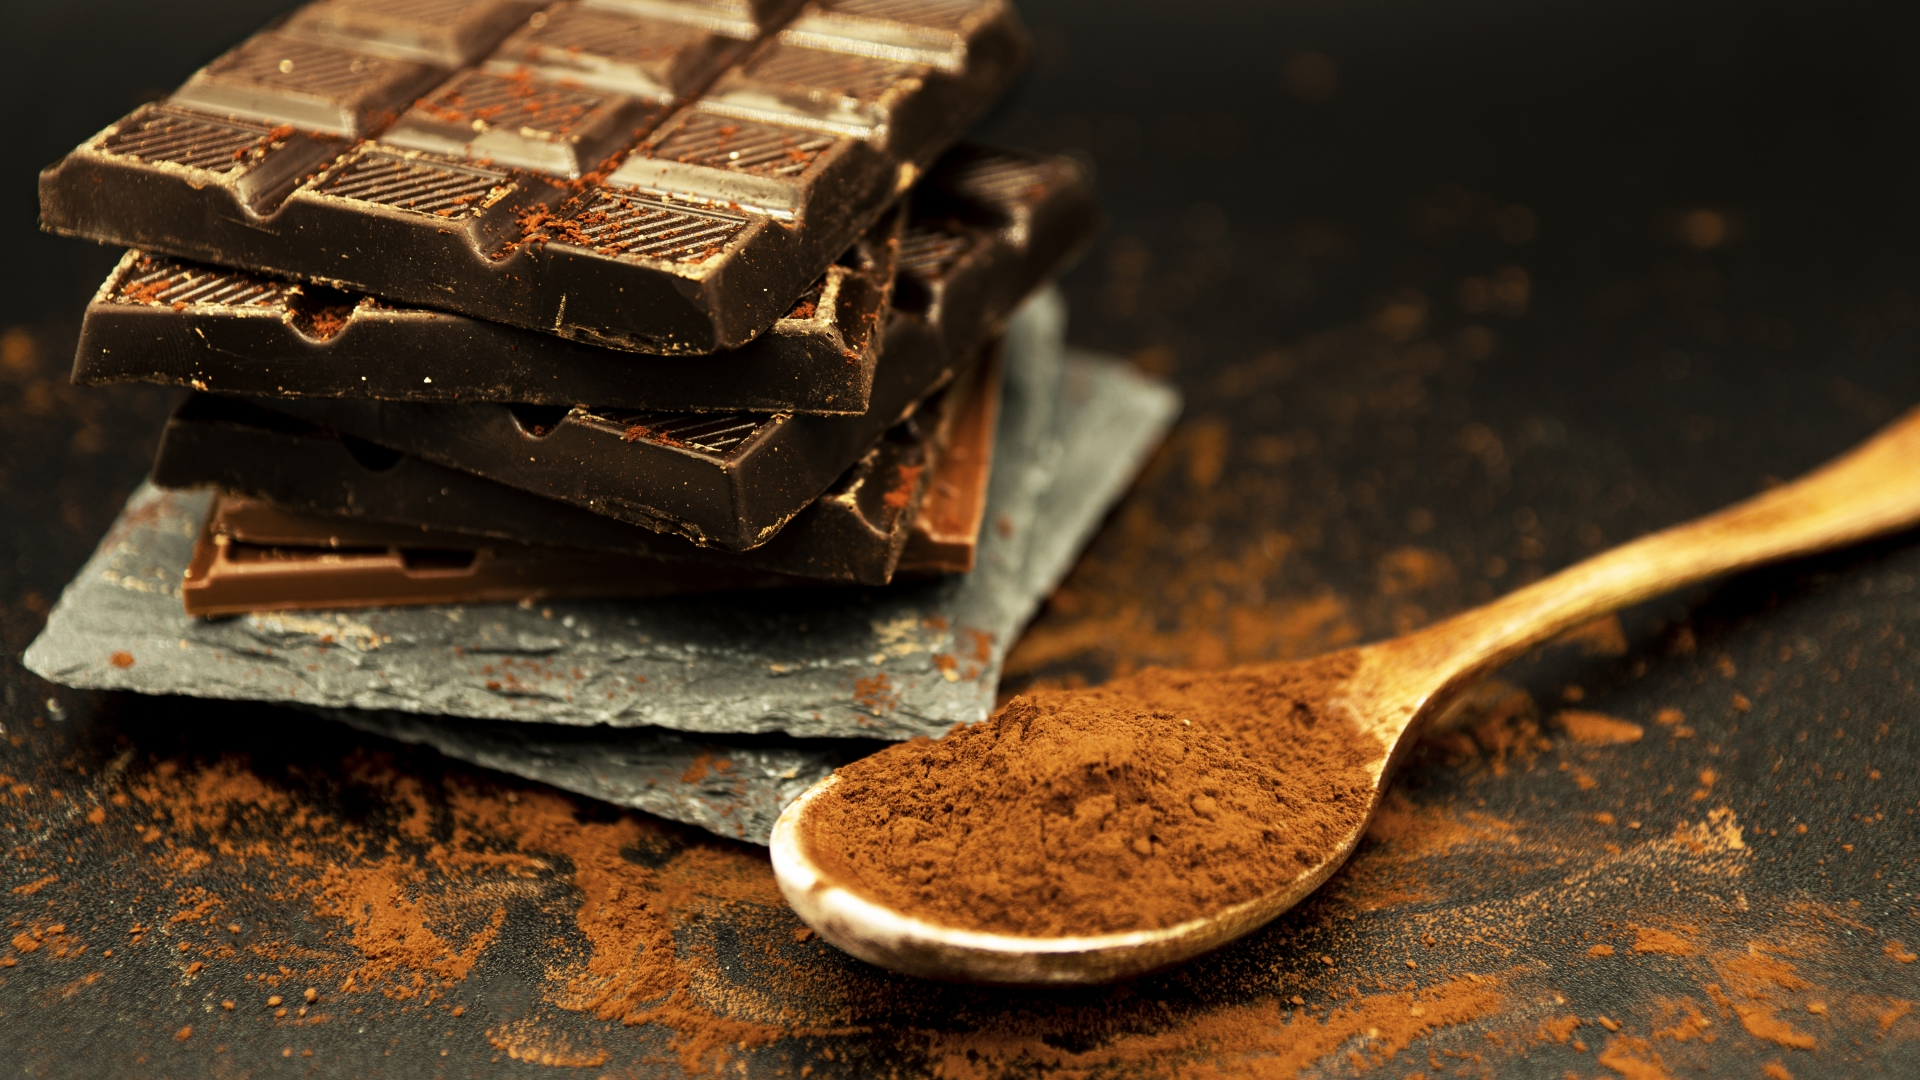 スタバのチョコレートドリンクやフードのおすすめ!カロリーや値段も